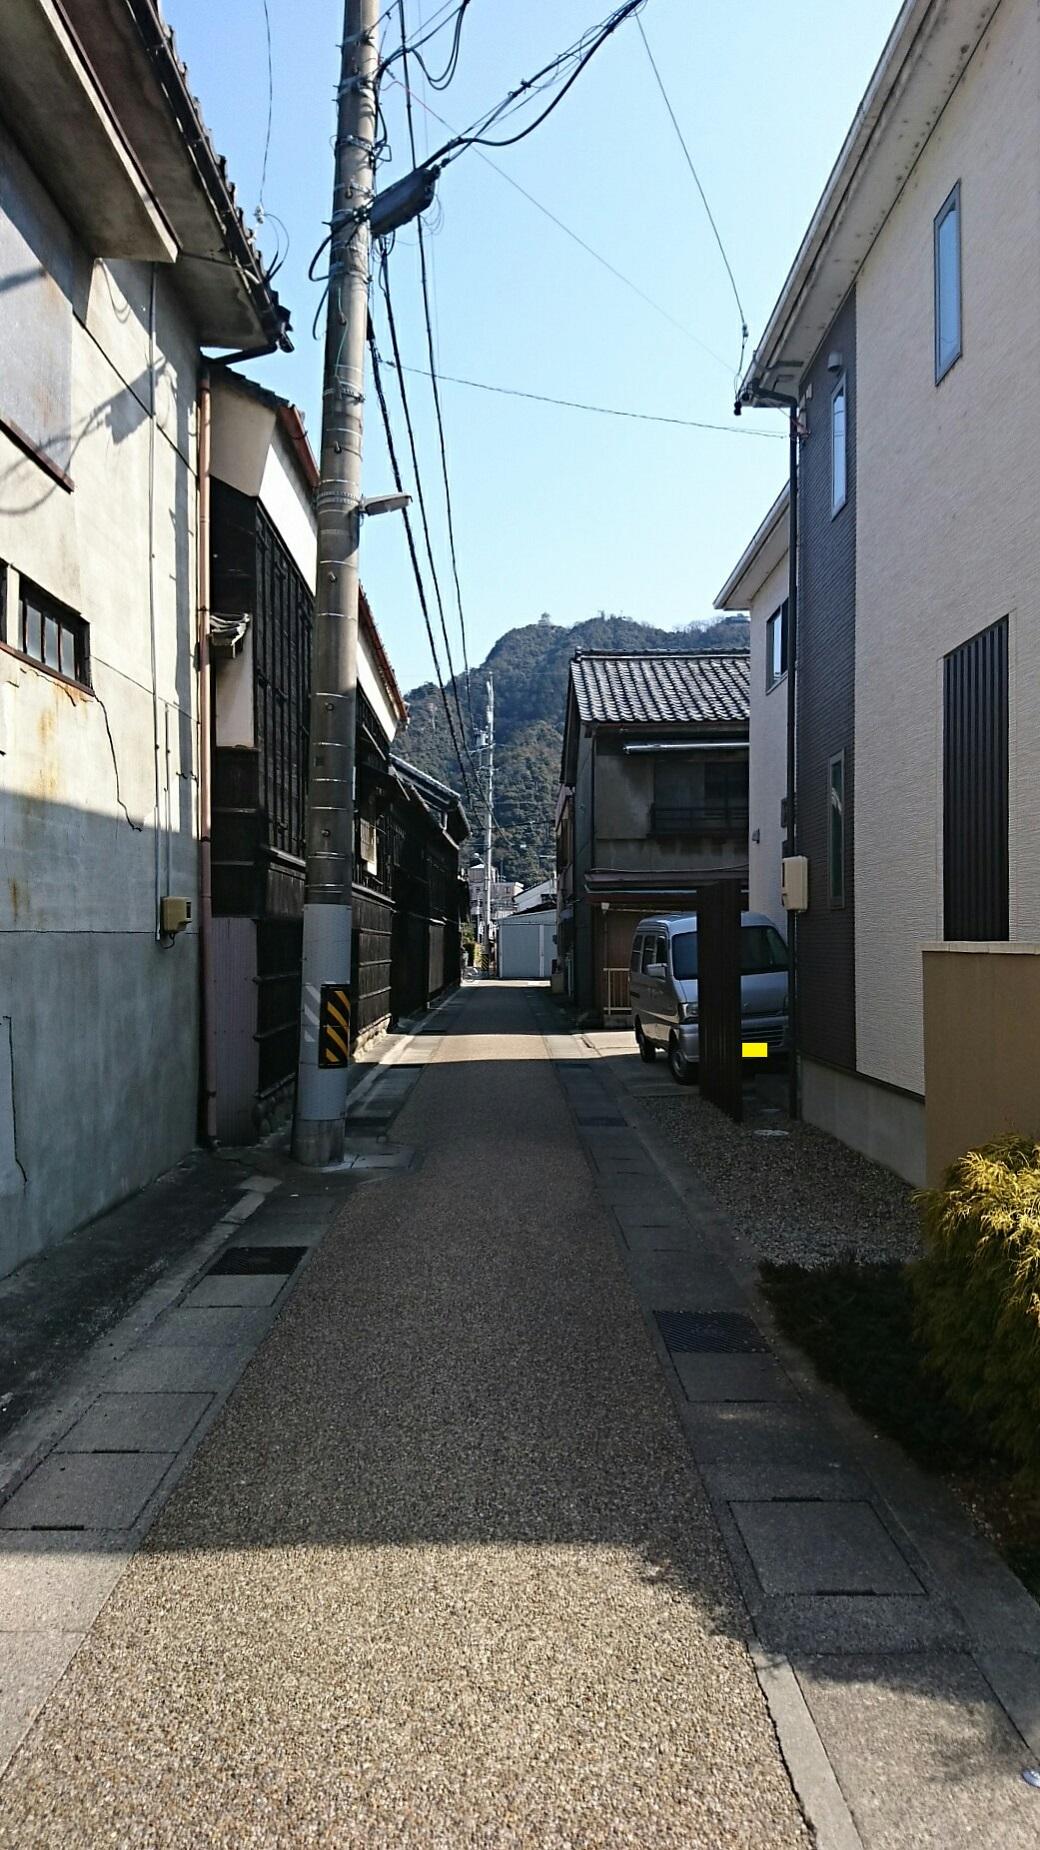 2018.2.19 岐阜 (153) くろかべ 1040-1850